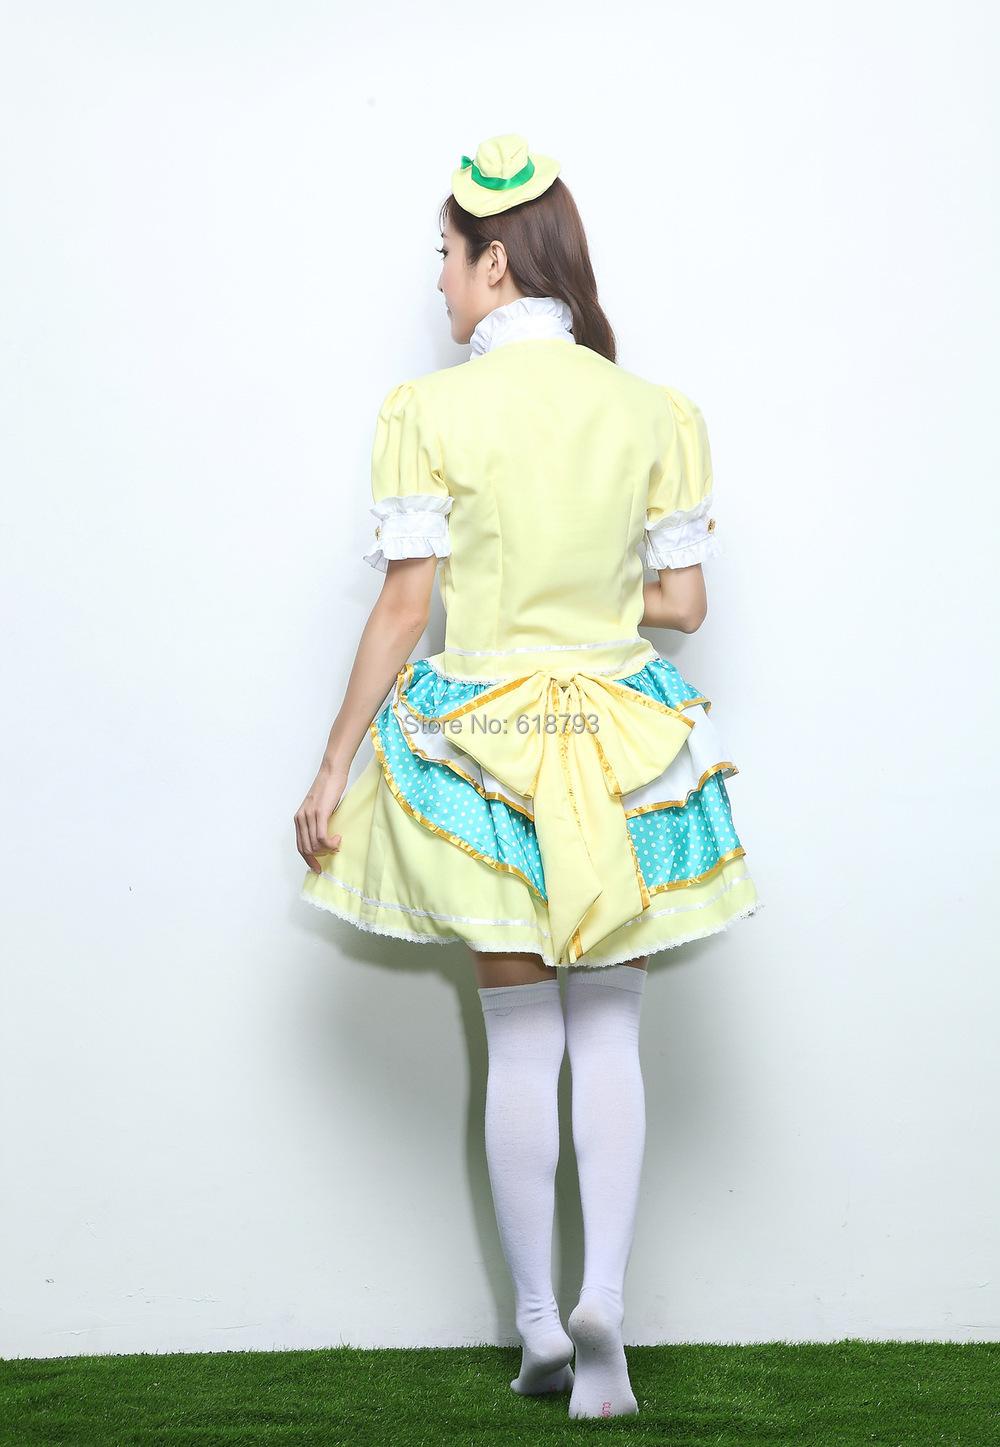 Nuevo amor vivo Koizumi hanayo Cosplay traje cos fruta Tojo Nozomi ropa  Minami kotori vestido ACG560 9c614fecc87b